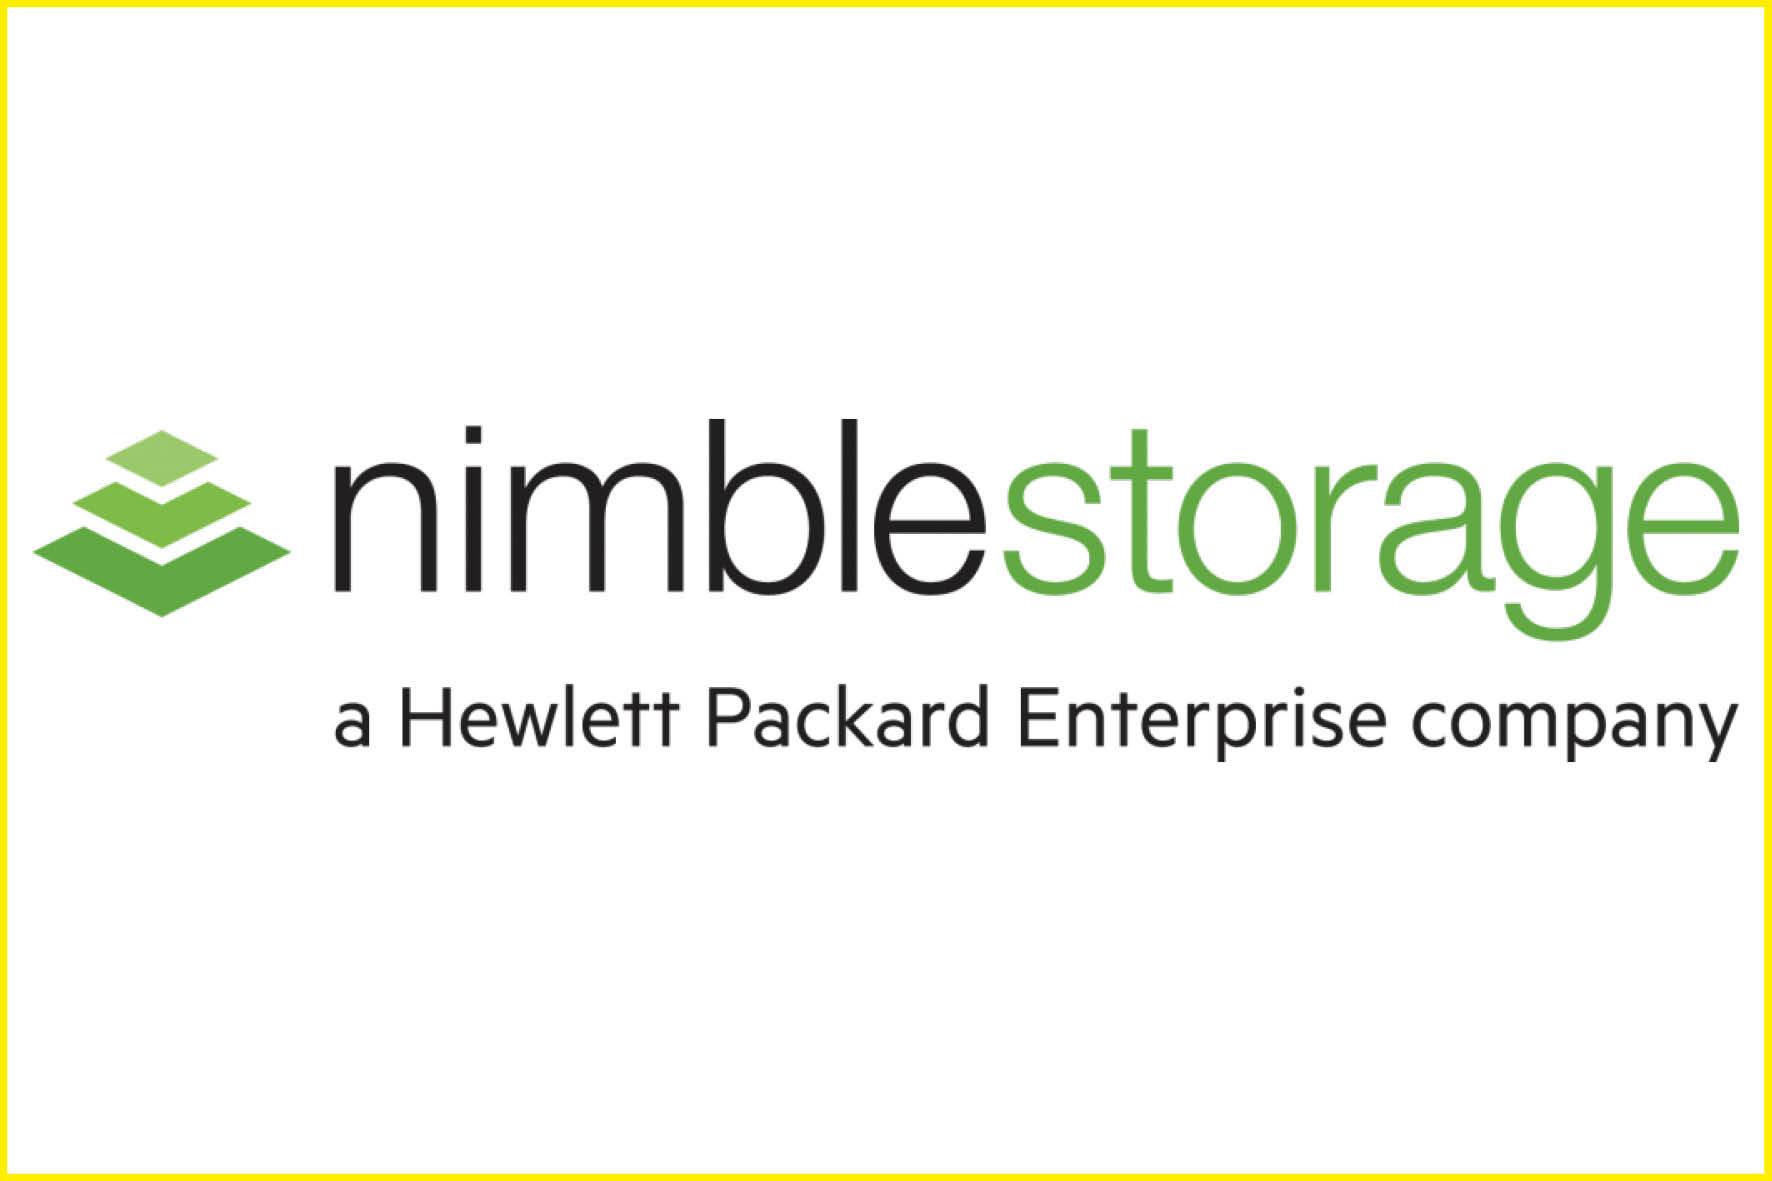 mark-com-event-nimble-storage